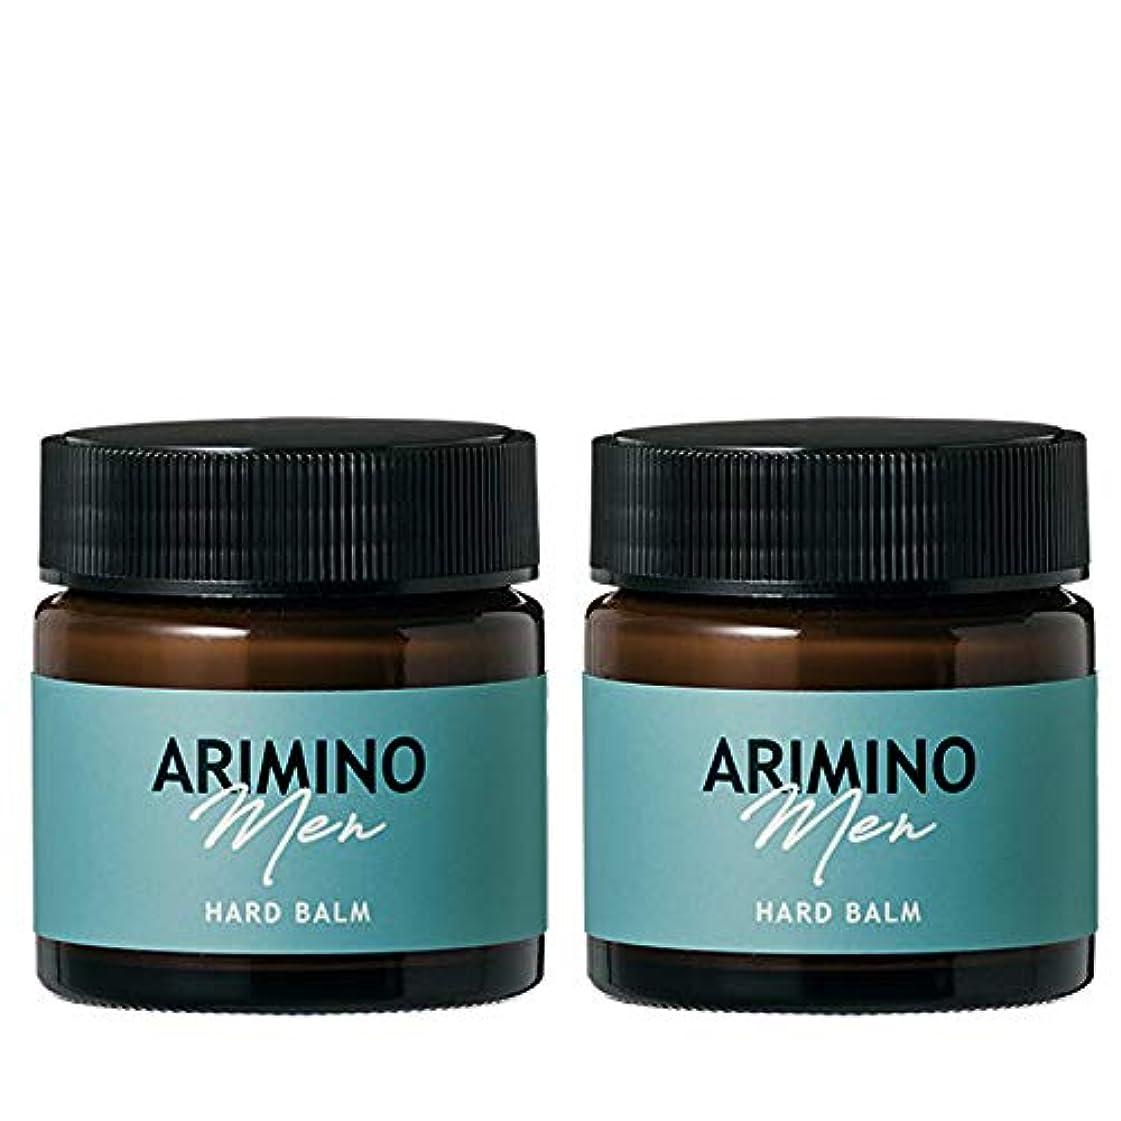 土地スタジオ絶えずアリミノ メン ハード バーム 60g ×2個 セット arimino men